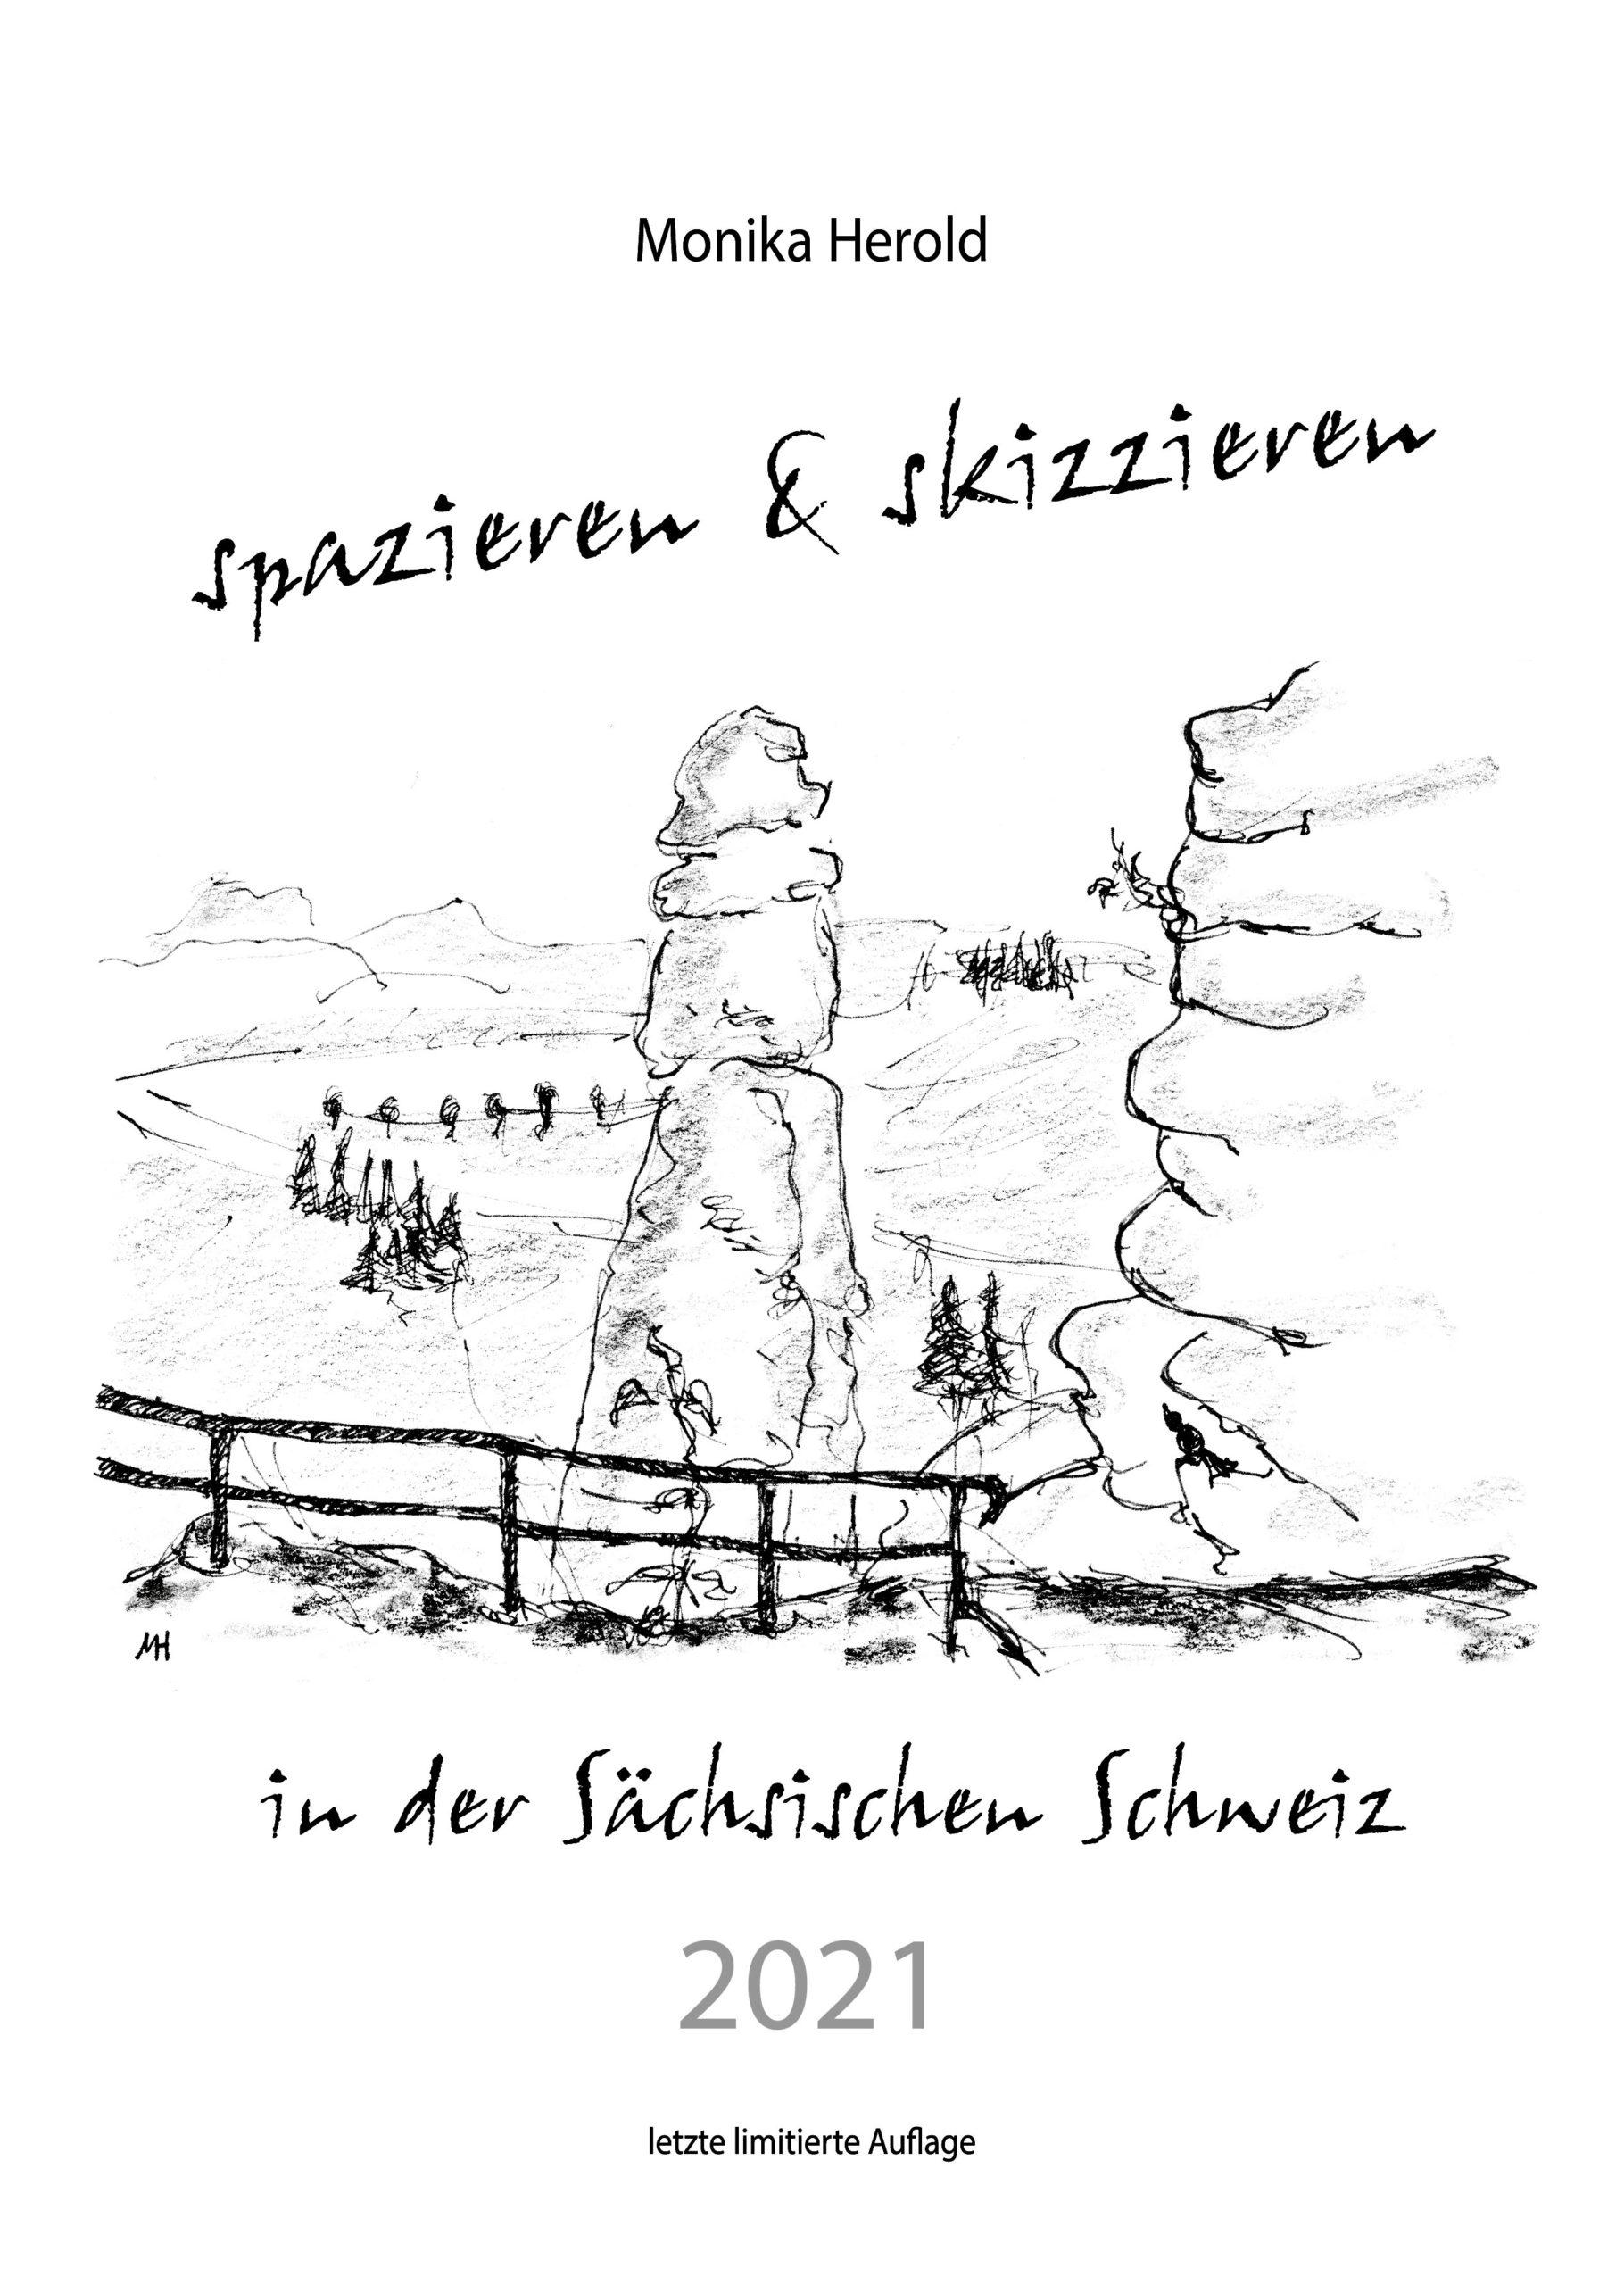 Skizzenkalender 2021, Sächsische Schweiz, Barbarine, Pfaffenstein, Königstein, Natur, Felsen, Sandstein, Elbe